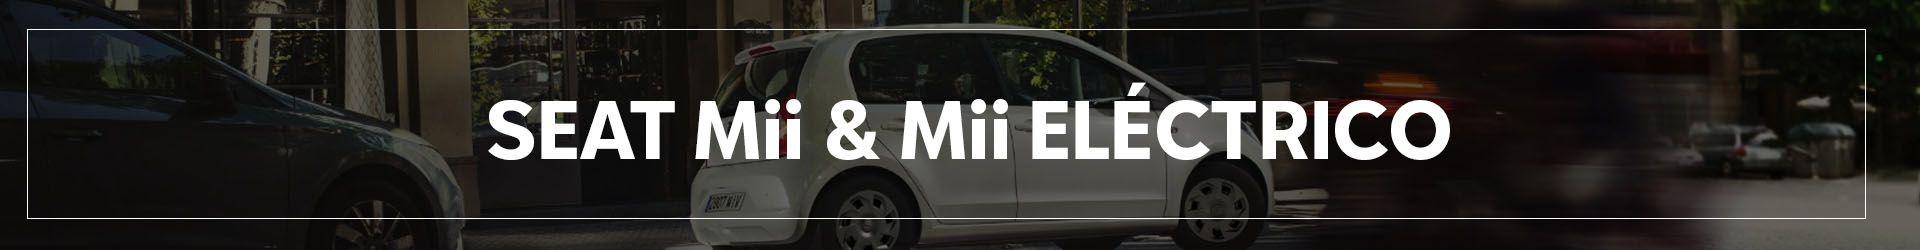 cabeceras páginas SEAT MII | Automocion Terry Concesionario Cadiz